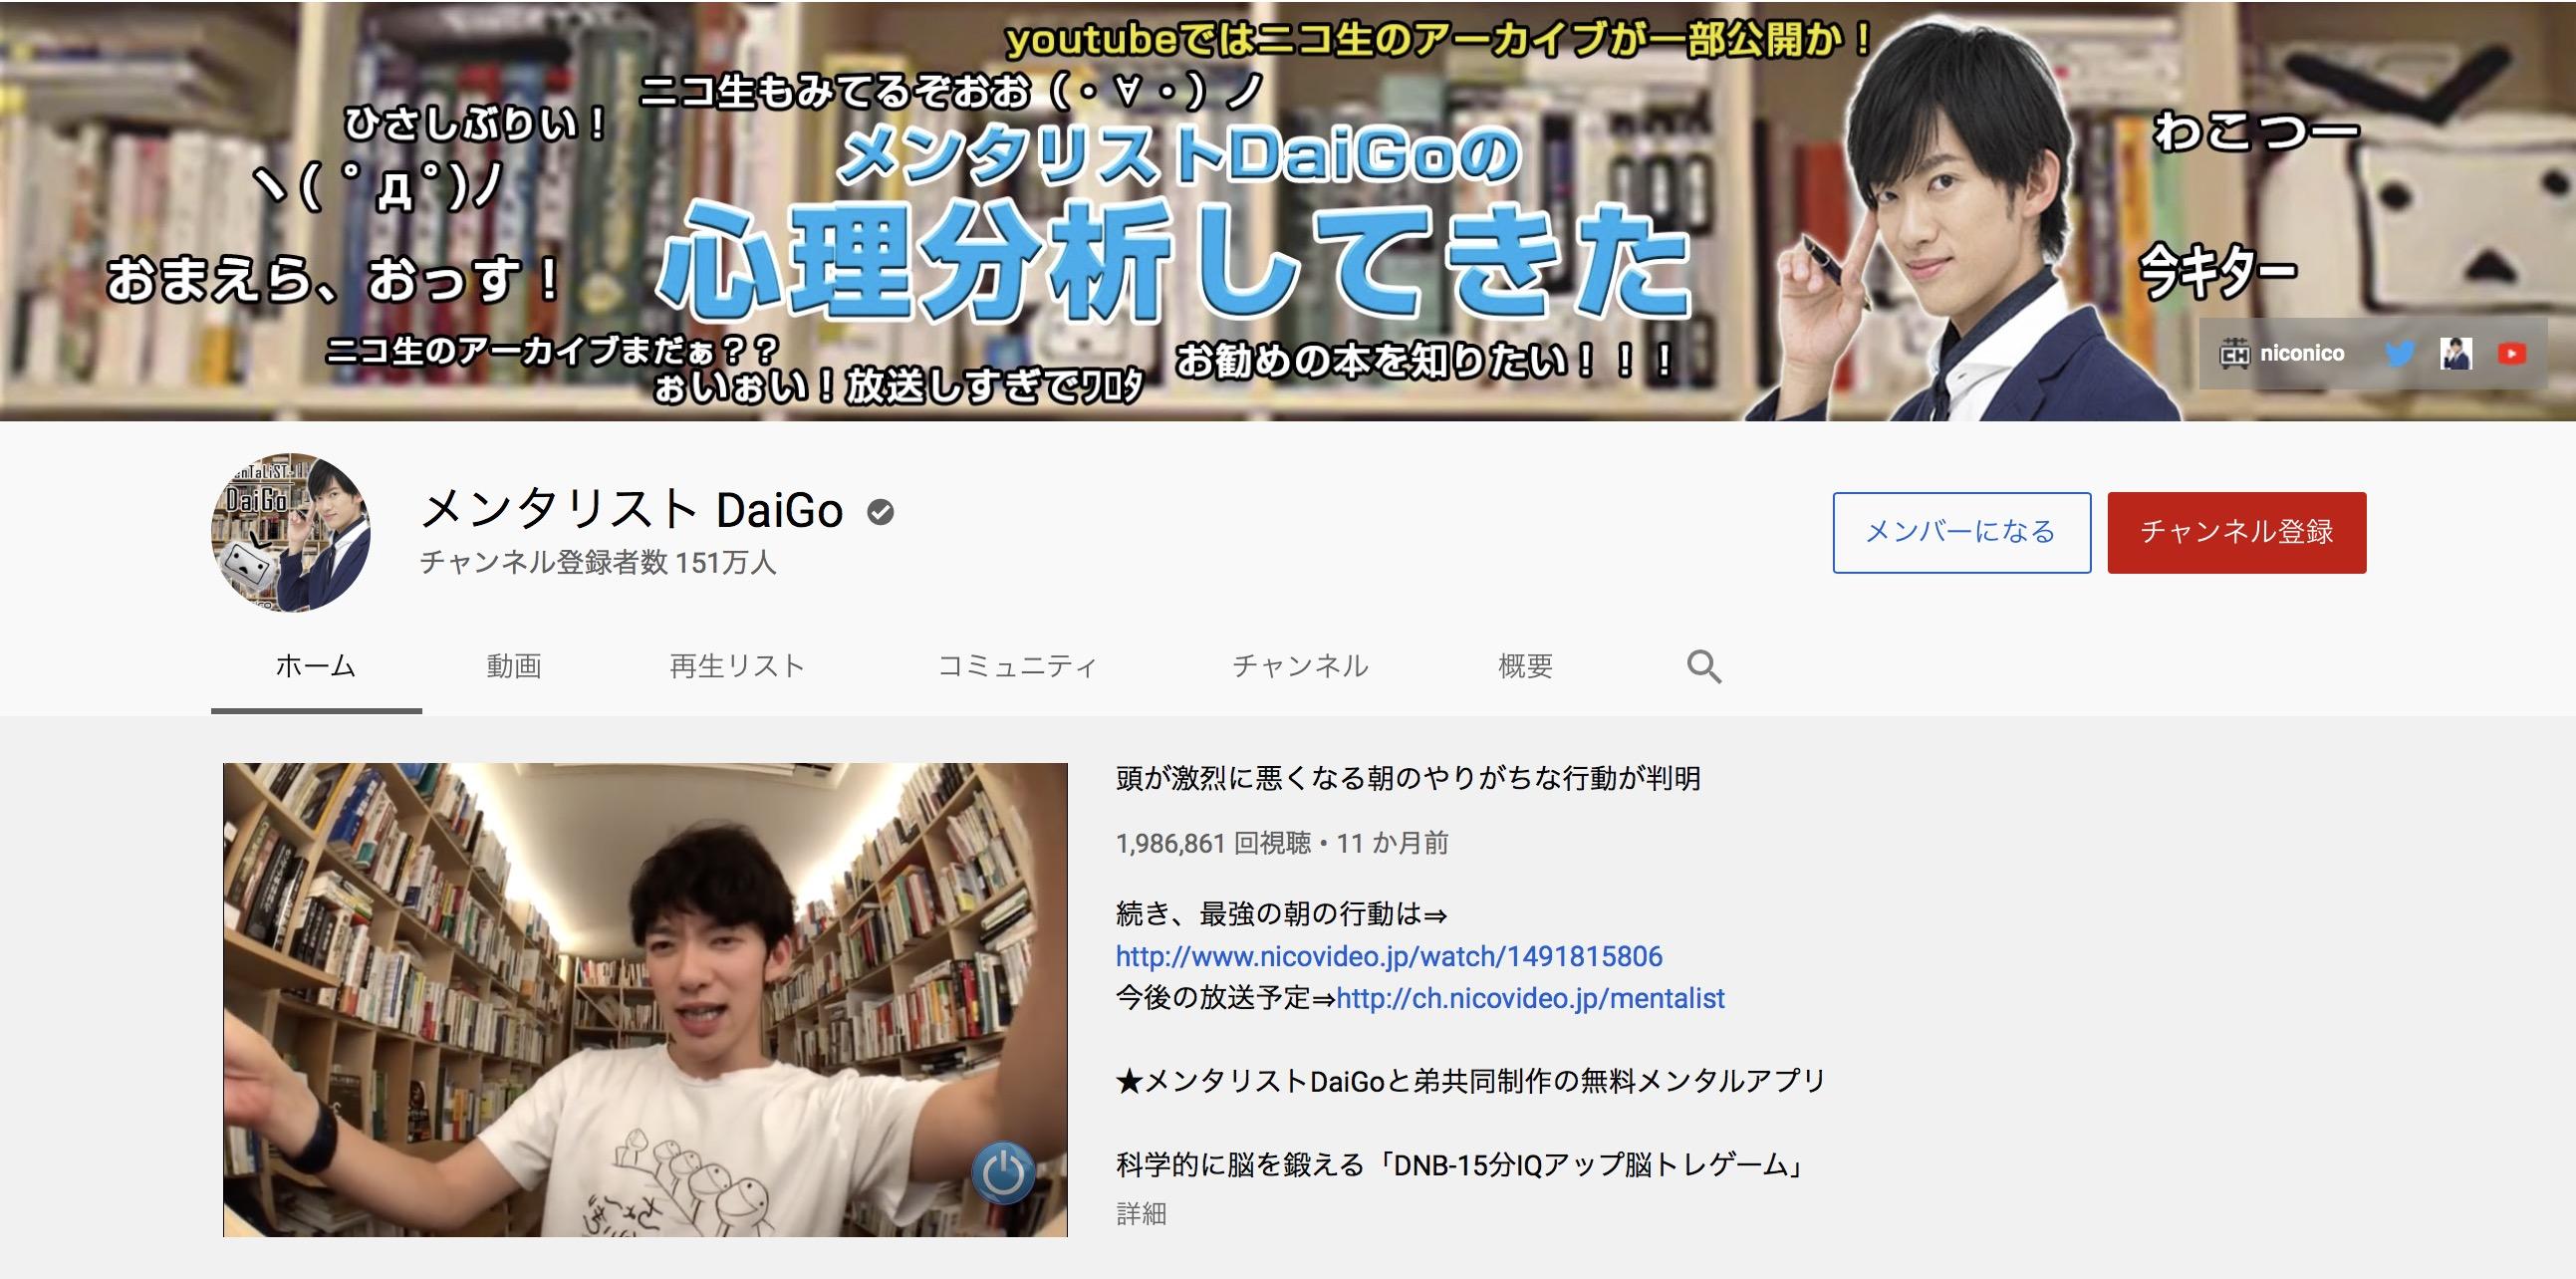 メンタリストDaiGo氏YouTube